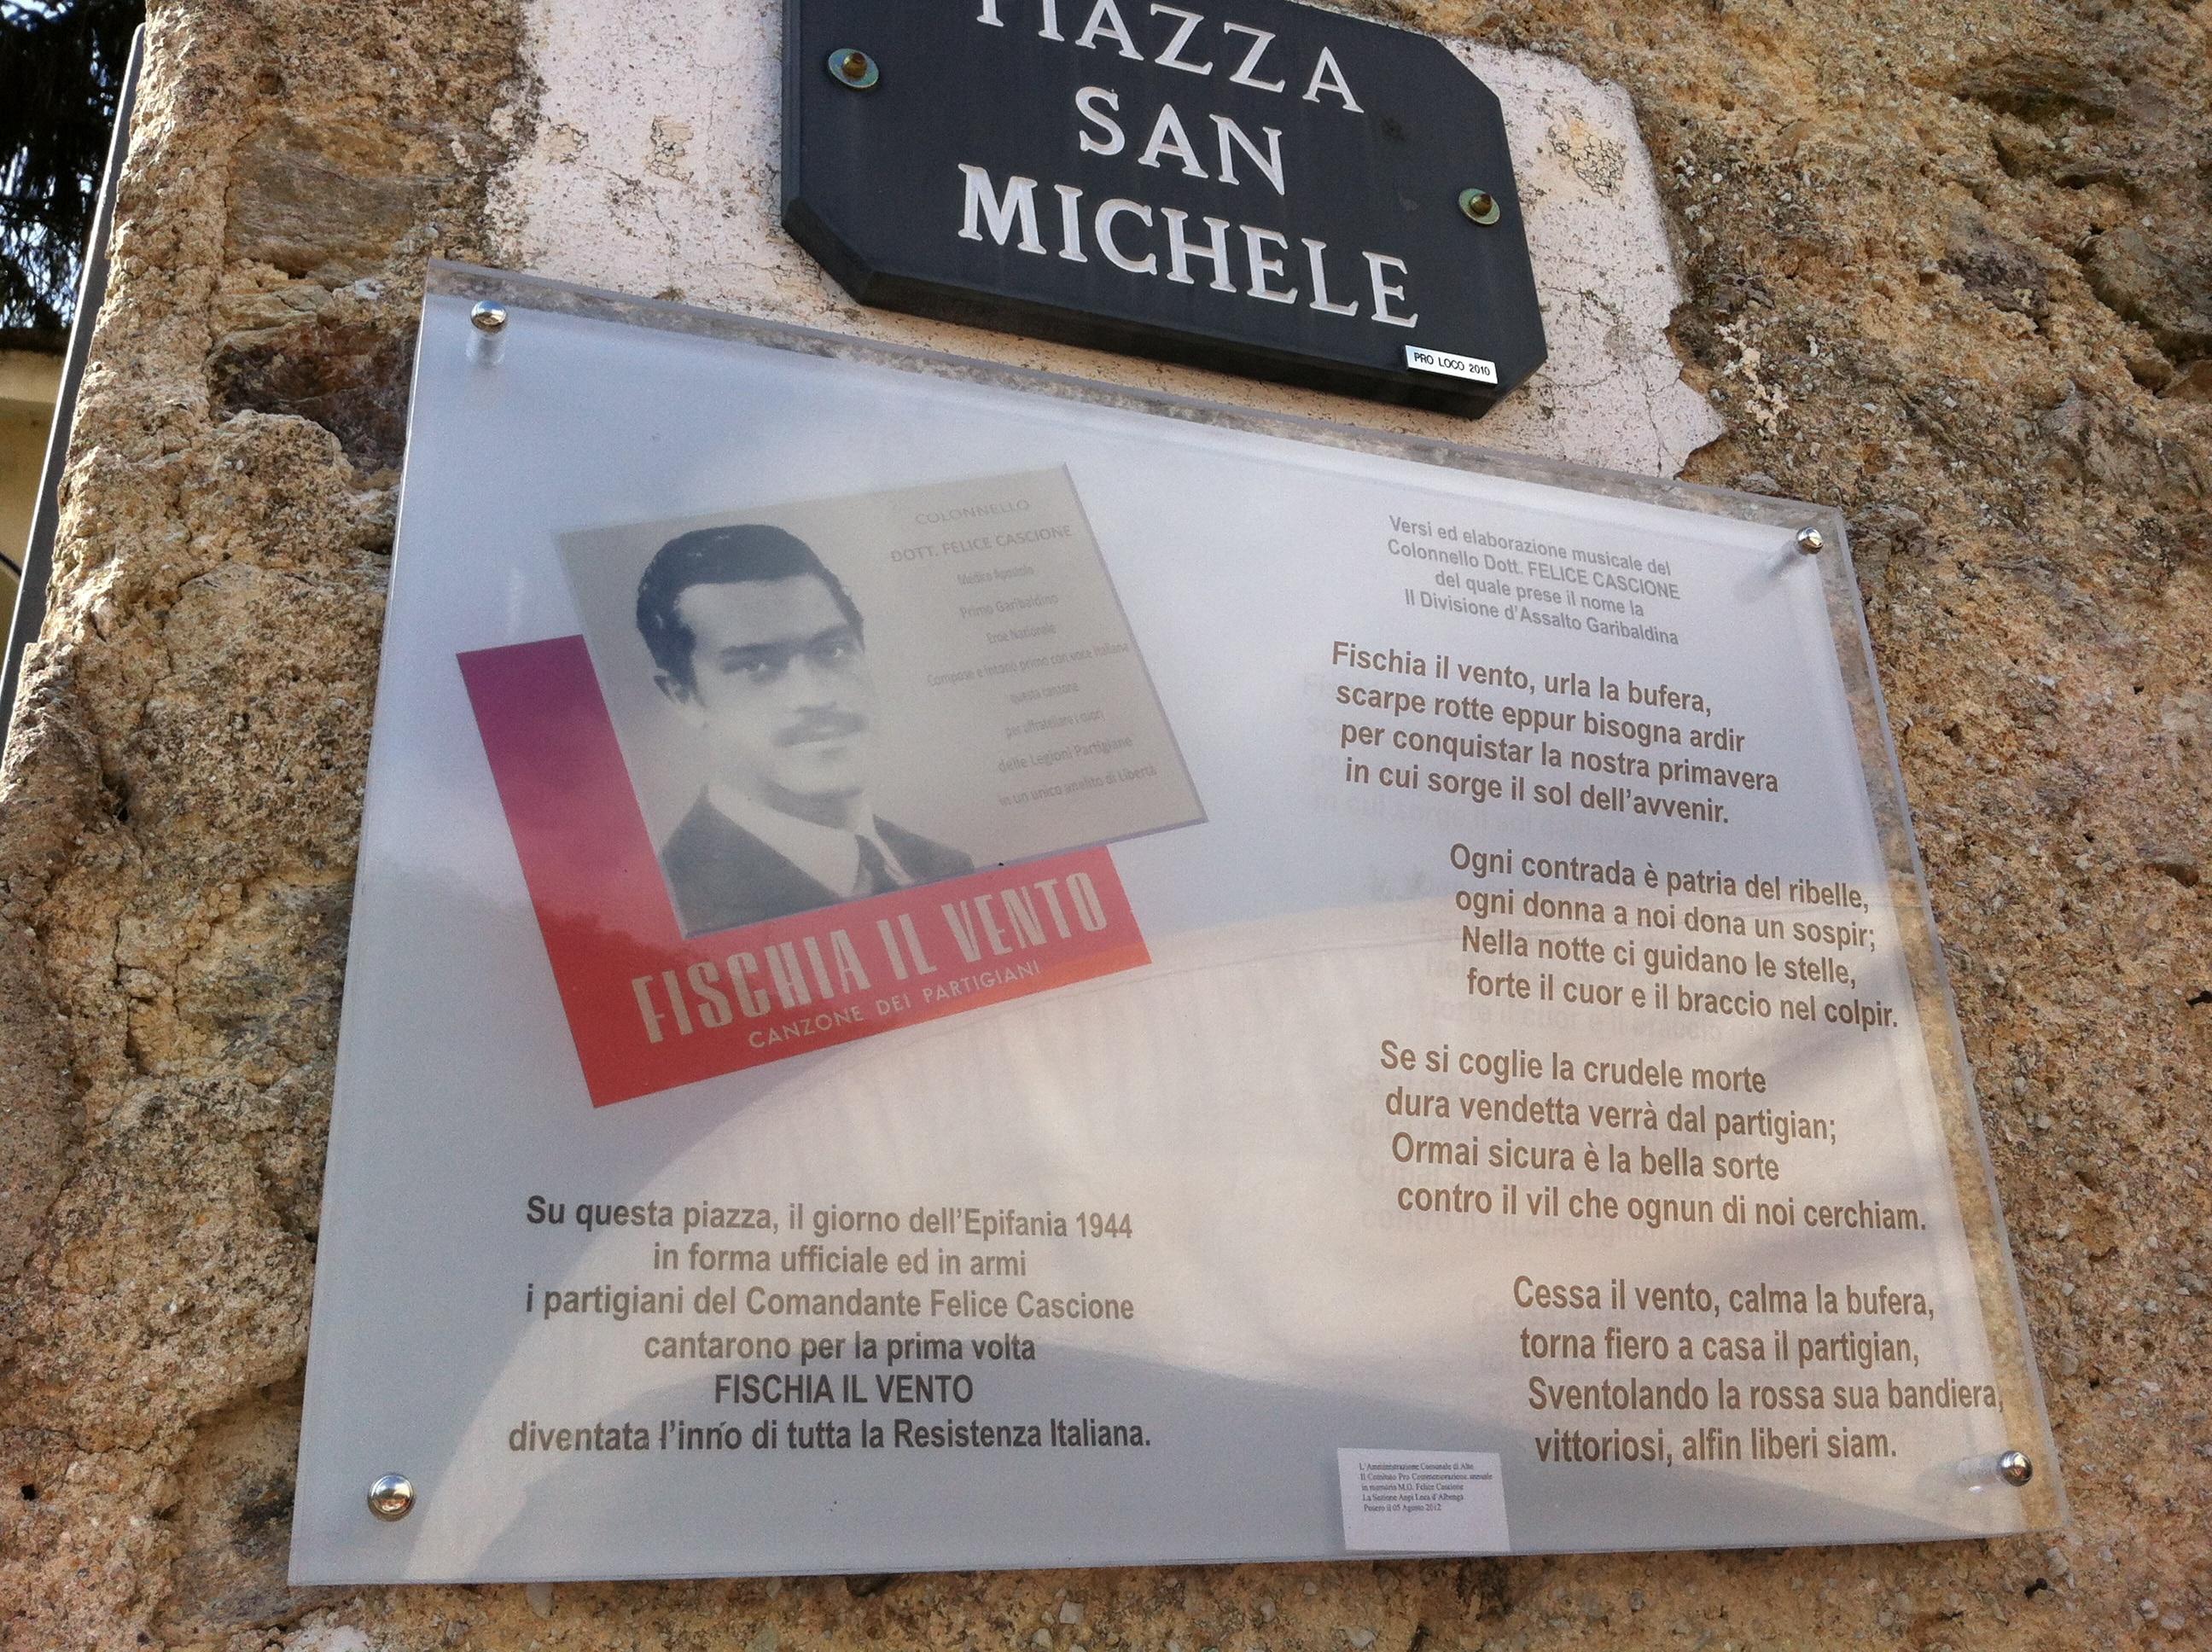 Come ogni anno, il 5 agosto, il paesino al confine tra le province di Savona e Cuneo, ricorda il celebre partigiano Felice Cascione, nato a Imperia, simbolo della Resistenza Italiana,…